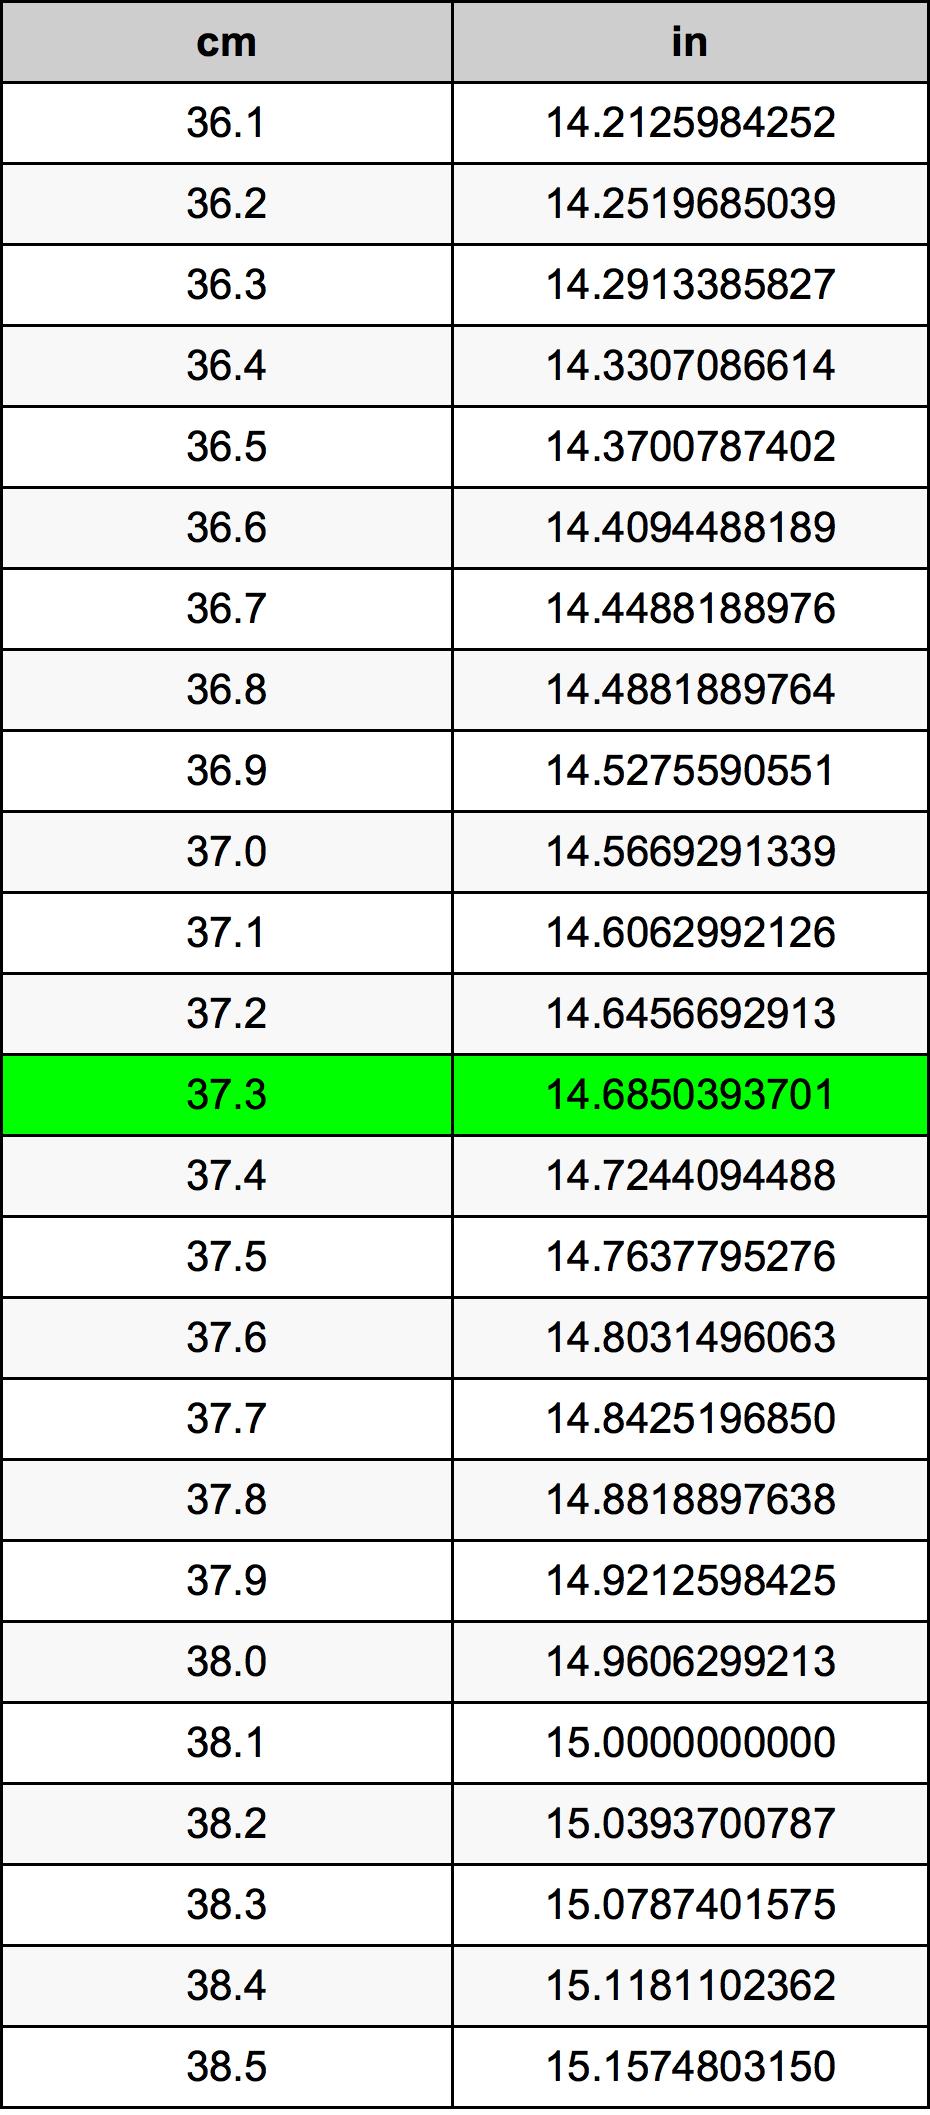 37.3 Centimeter omregningstabel